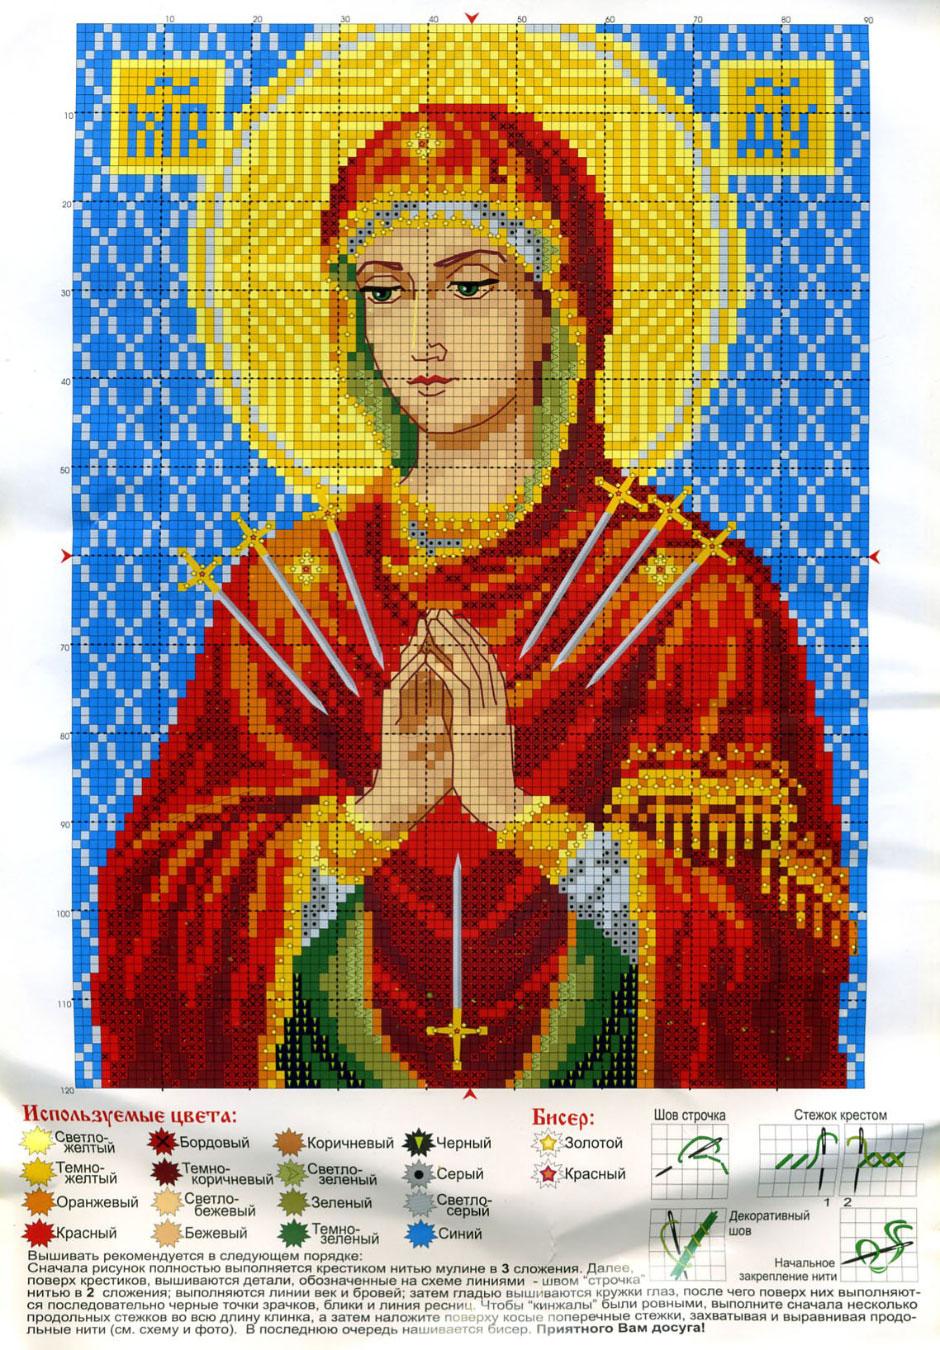 вышивка икона пресвятой богородице, схема.